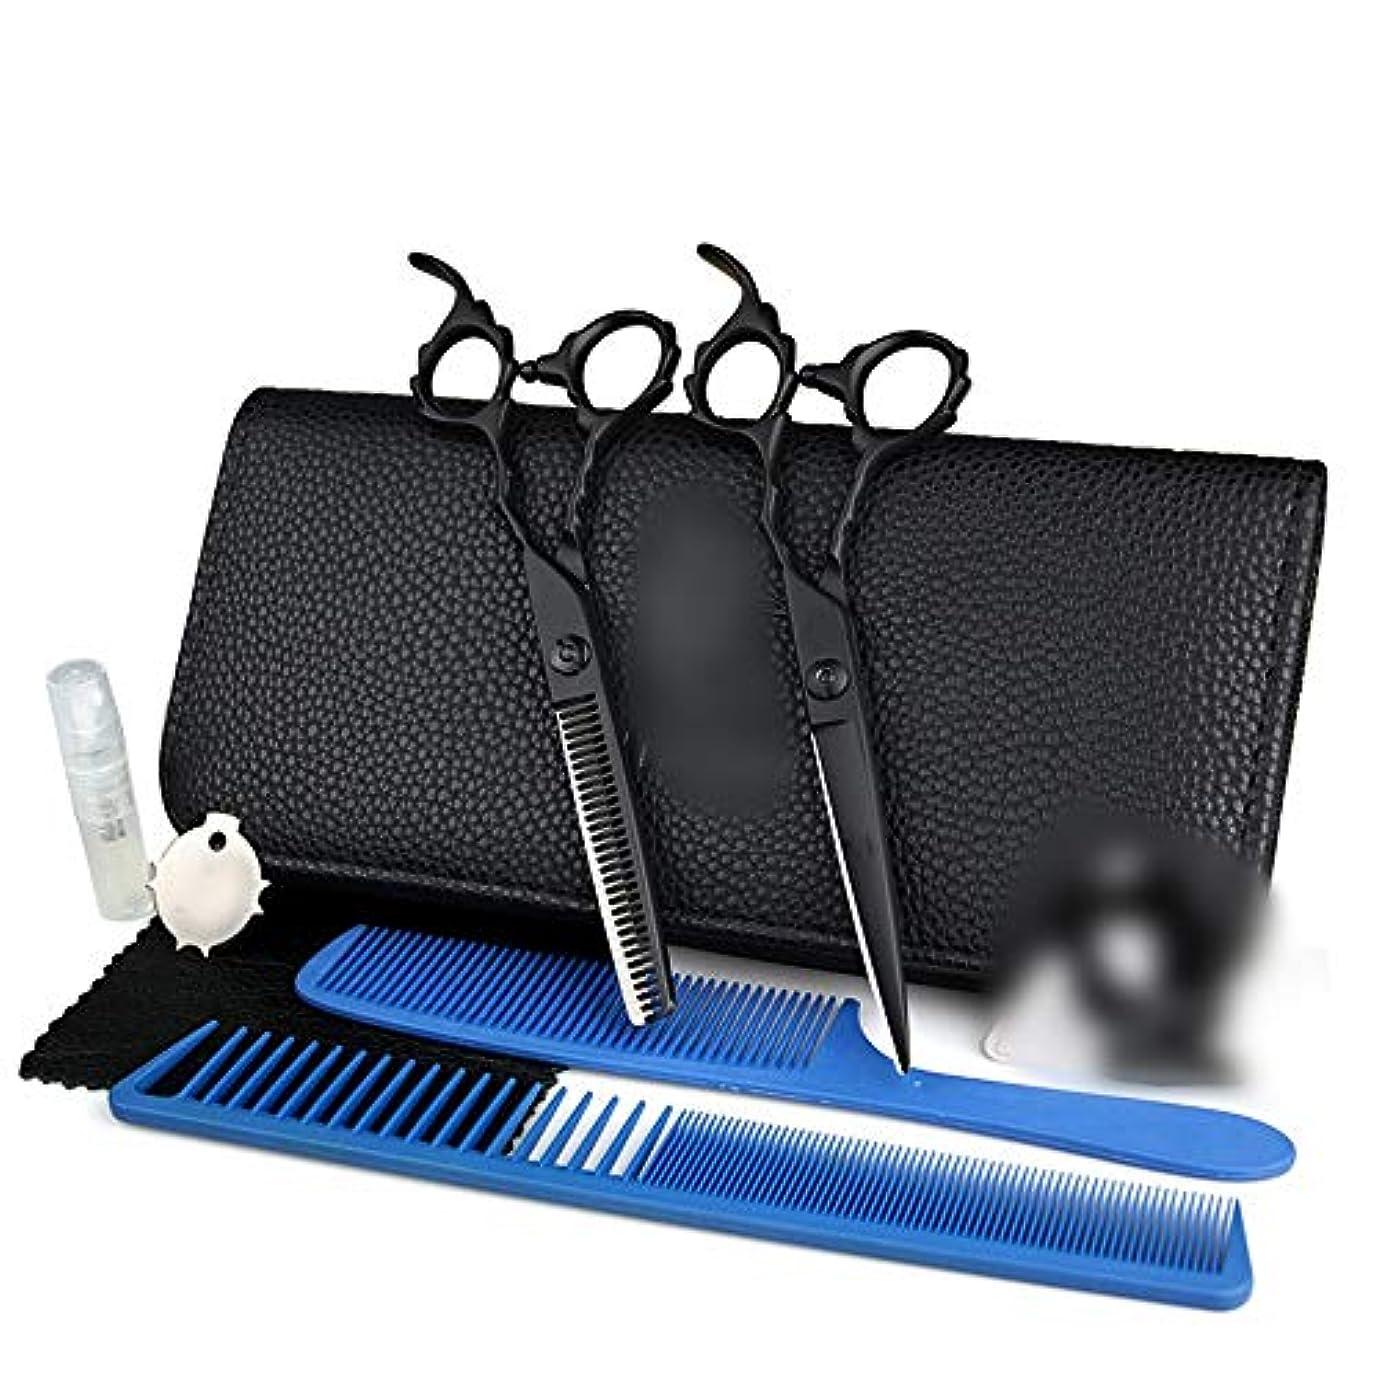 顔料コンパクト材料Goodsok-jp 6.0インチの毛の専門の黒く平らな歯のはさみははさみ用具を置きました (色 : 黒)